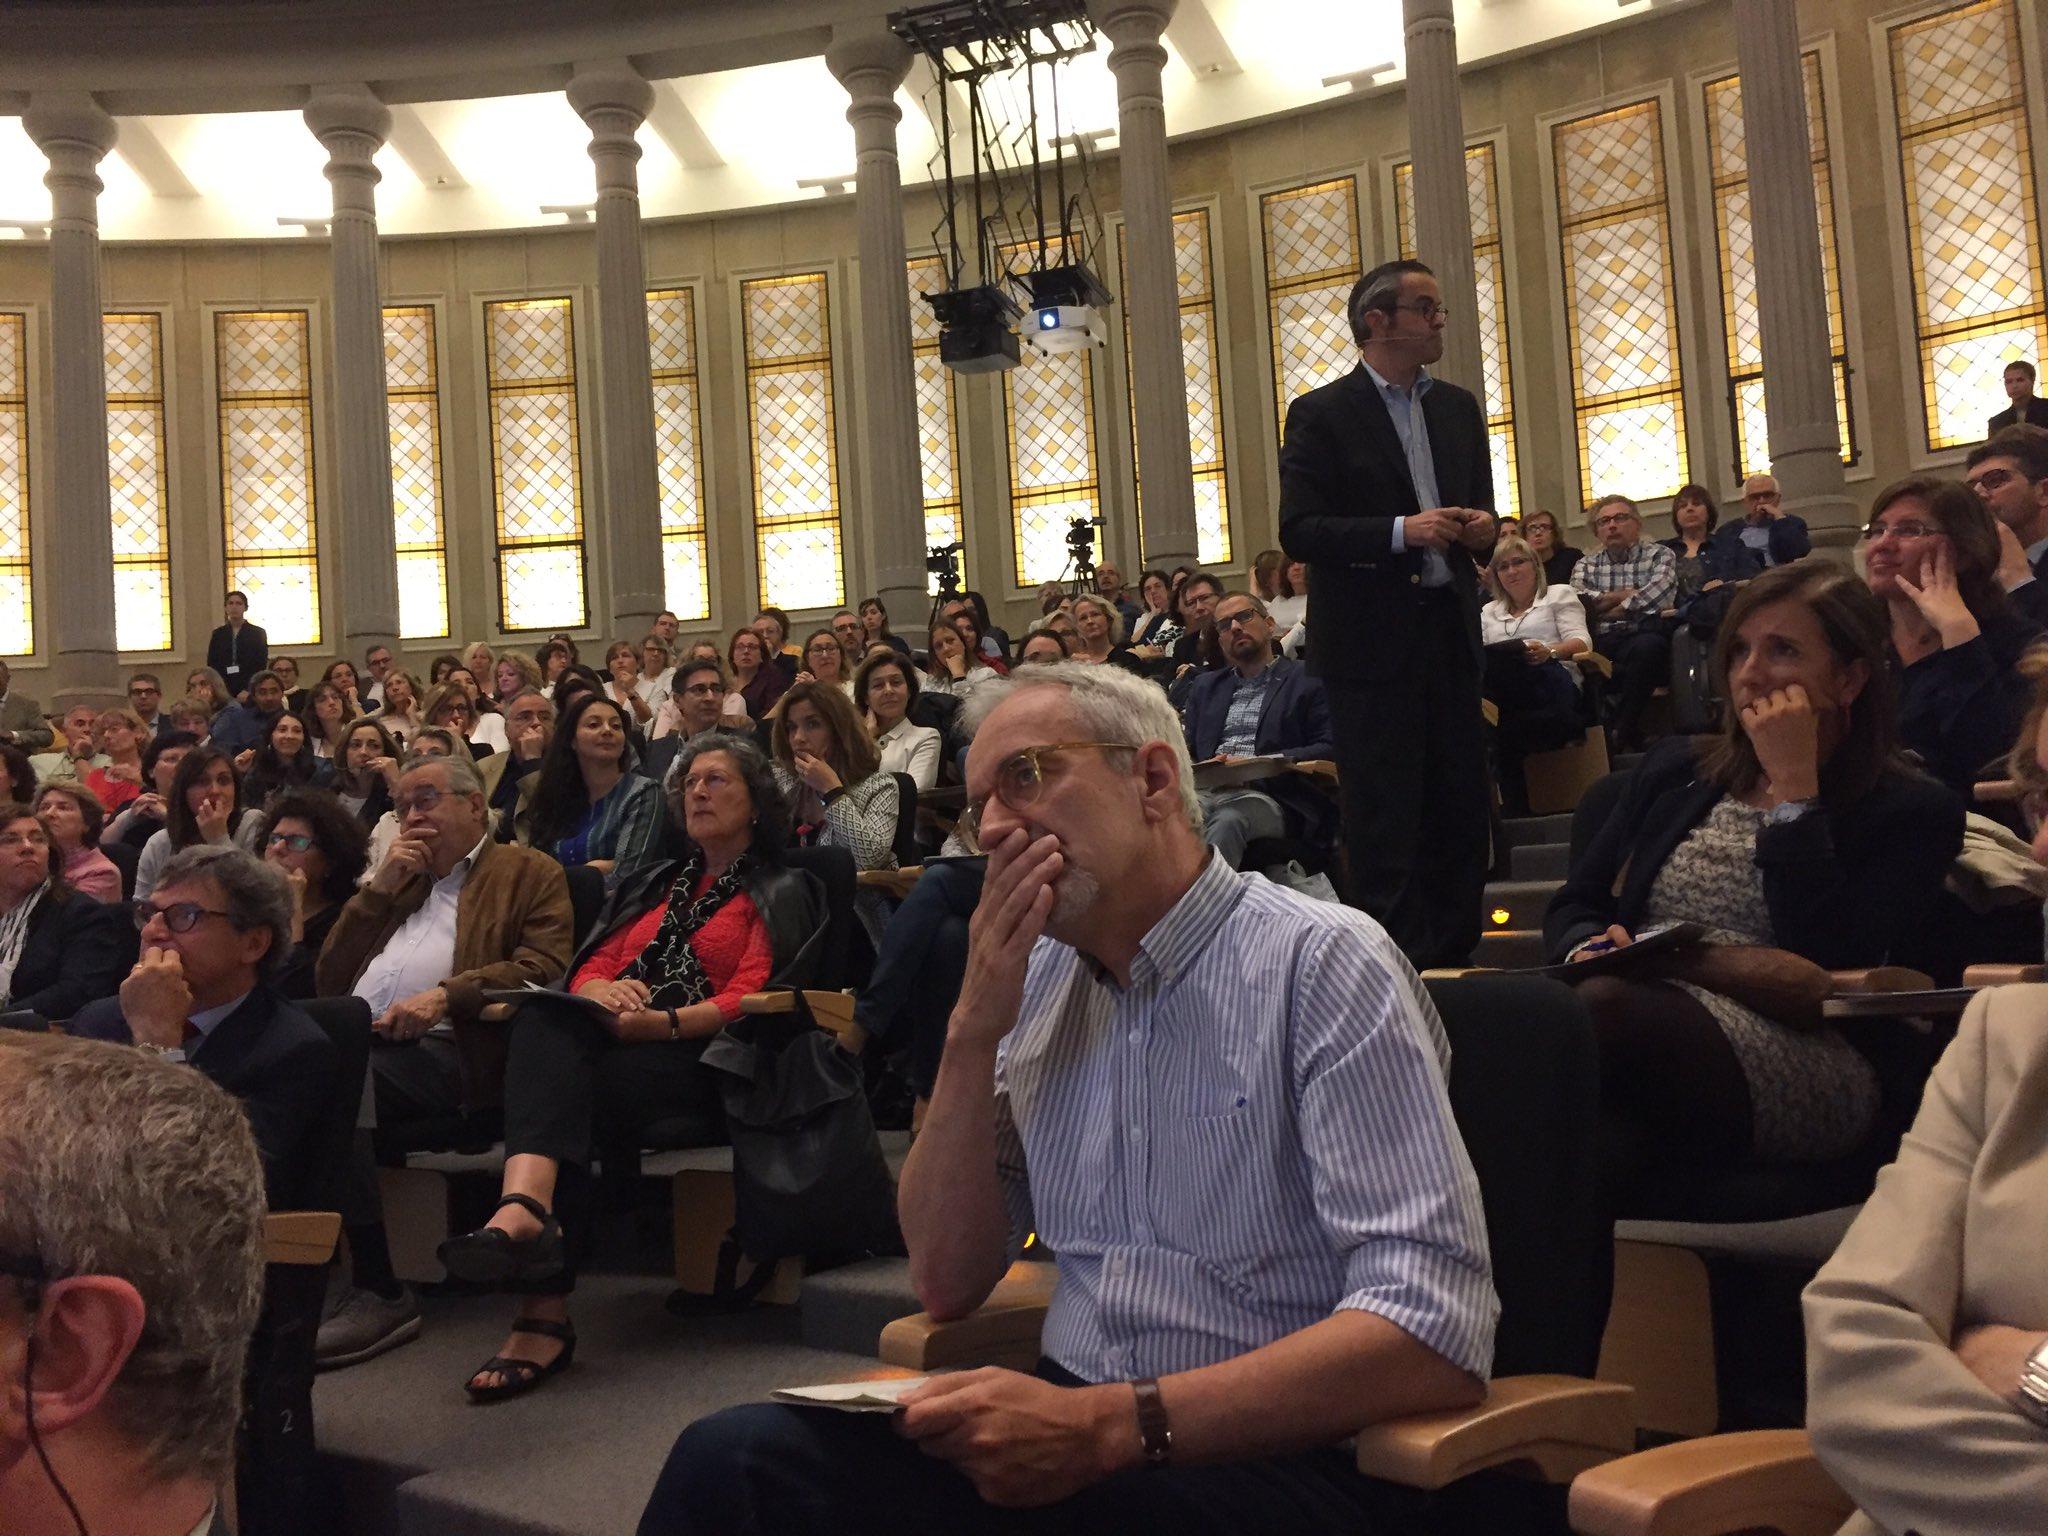 @vmontori en pleno debate de decisiones compartidas de la Jornada @gestiosanitaria @AQuAScat https://t.co/t4ZaOPmCfB